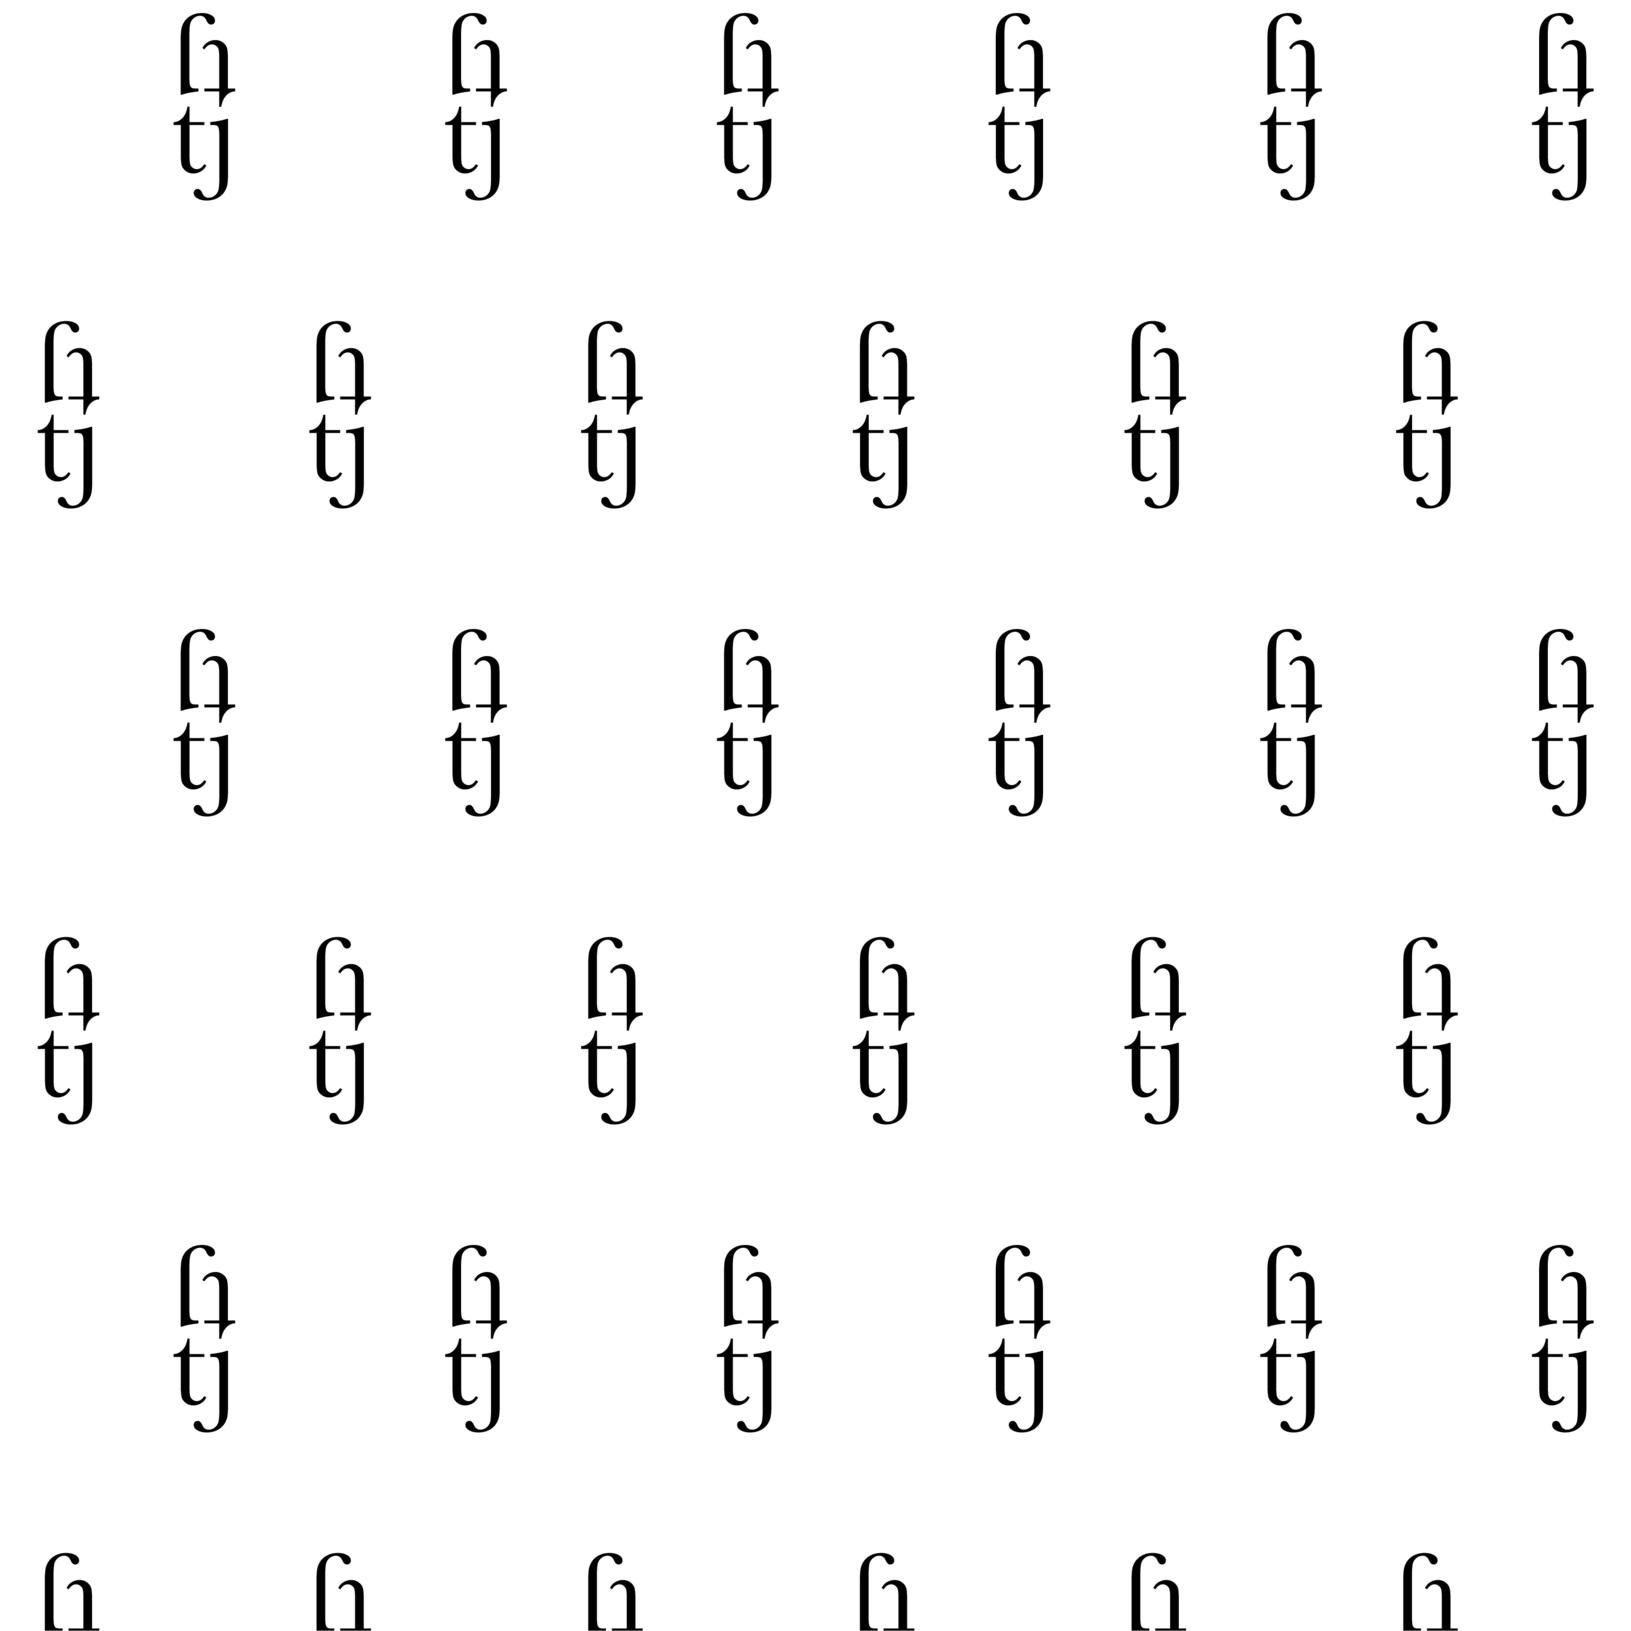 Taylor_Jay_Patterns-02.jpg